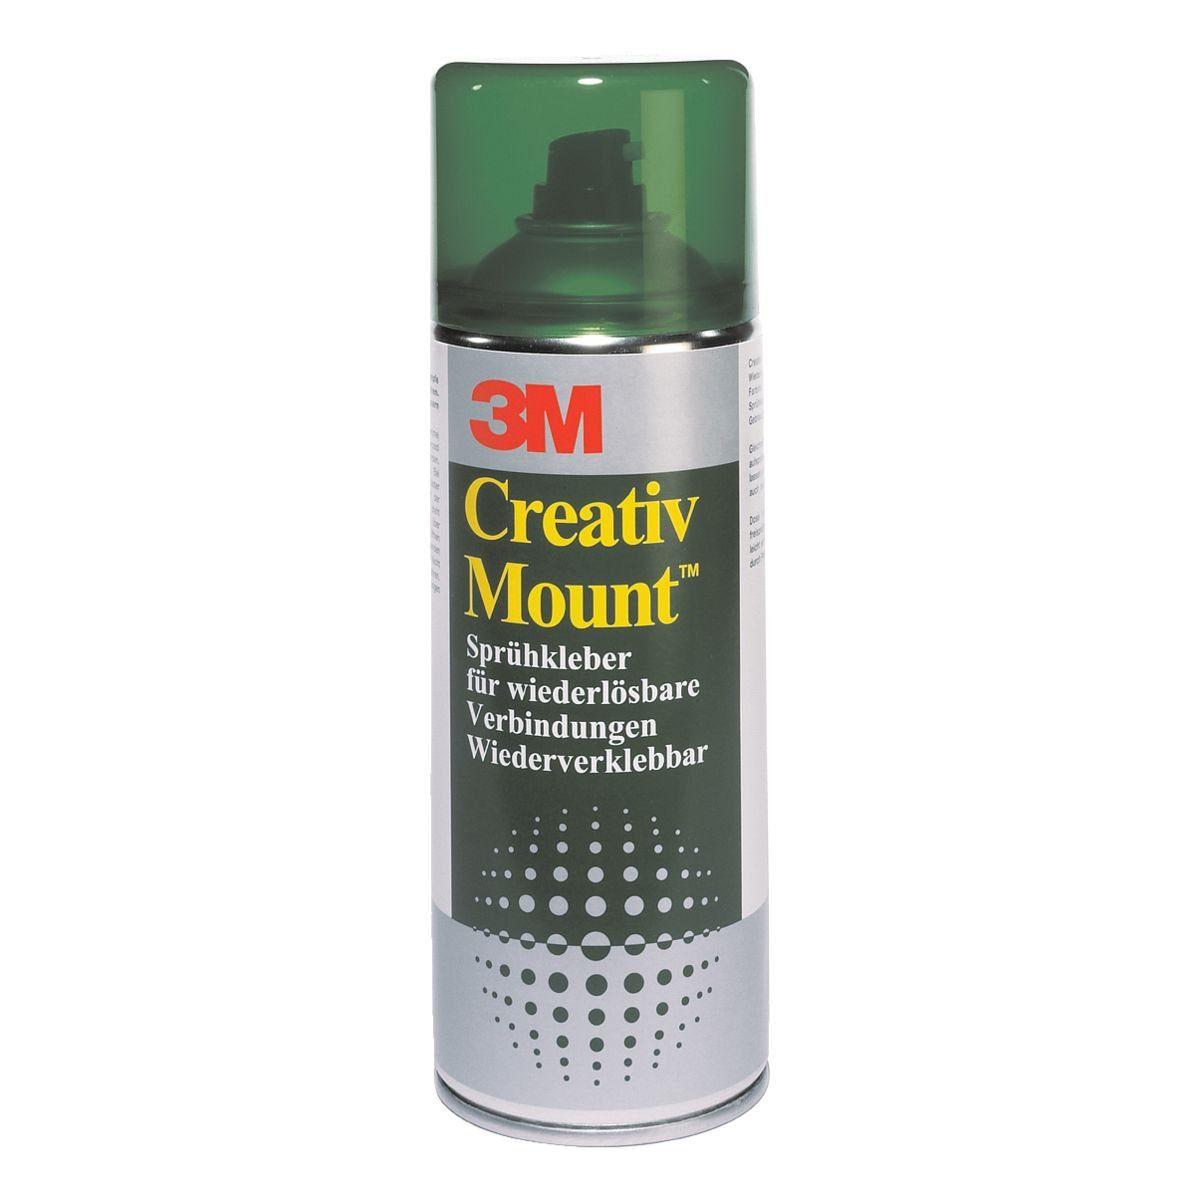 3M Sprühkleber »Creativ Mount«